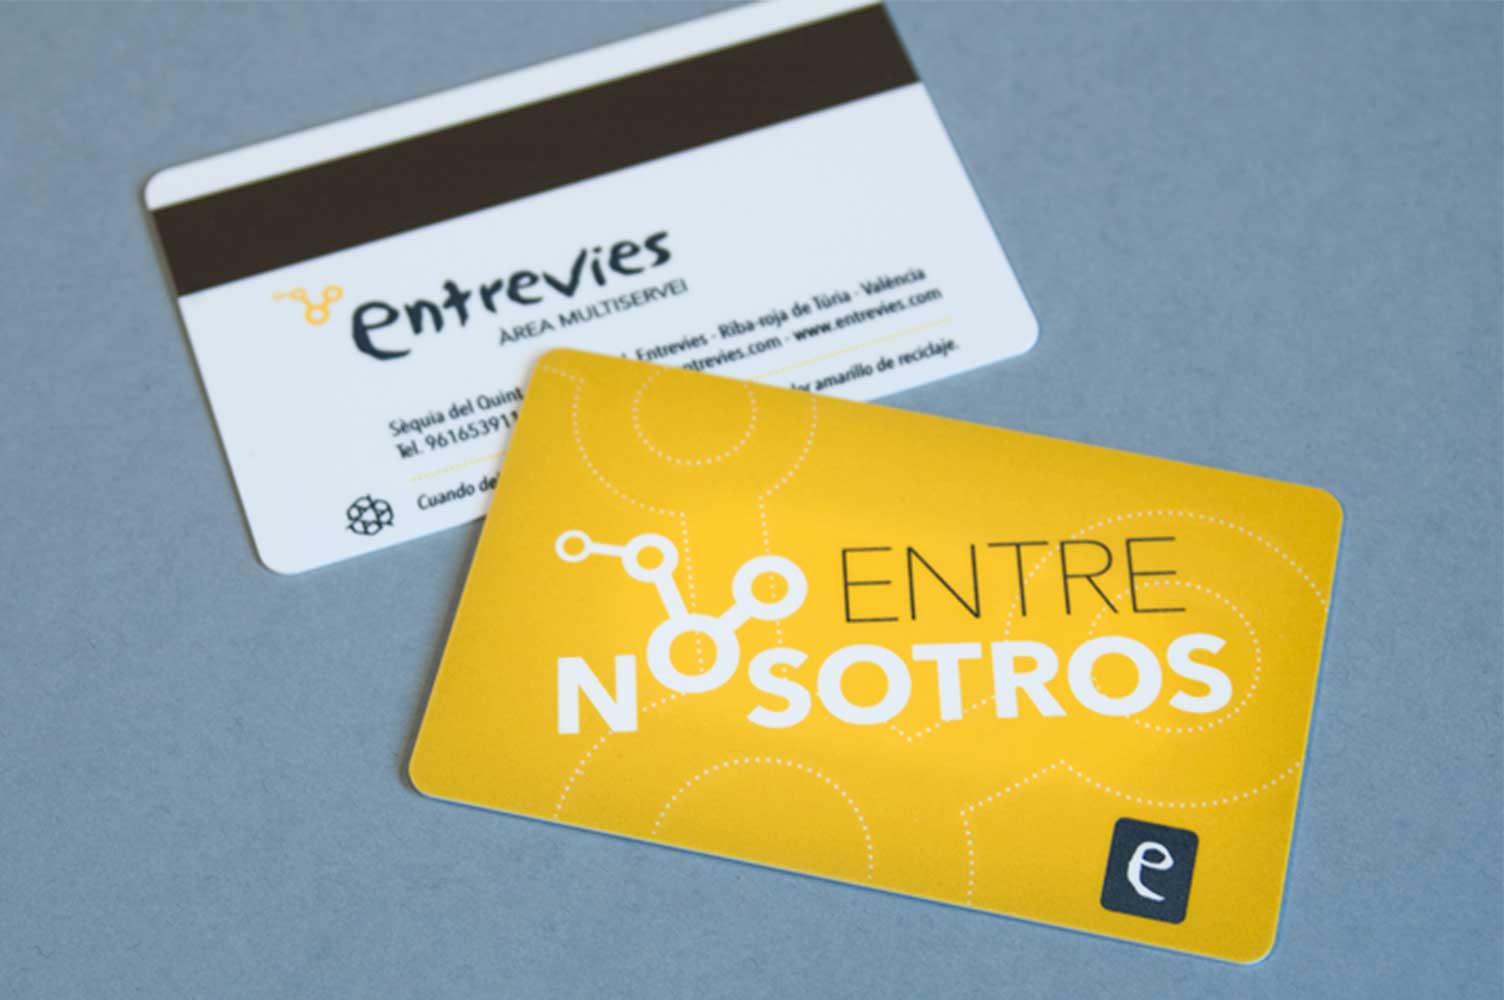 Diseño global entrevies: tarjeta de socio